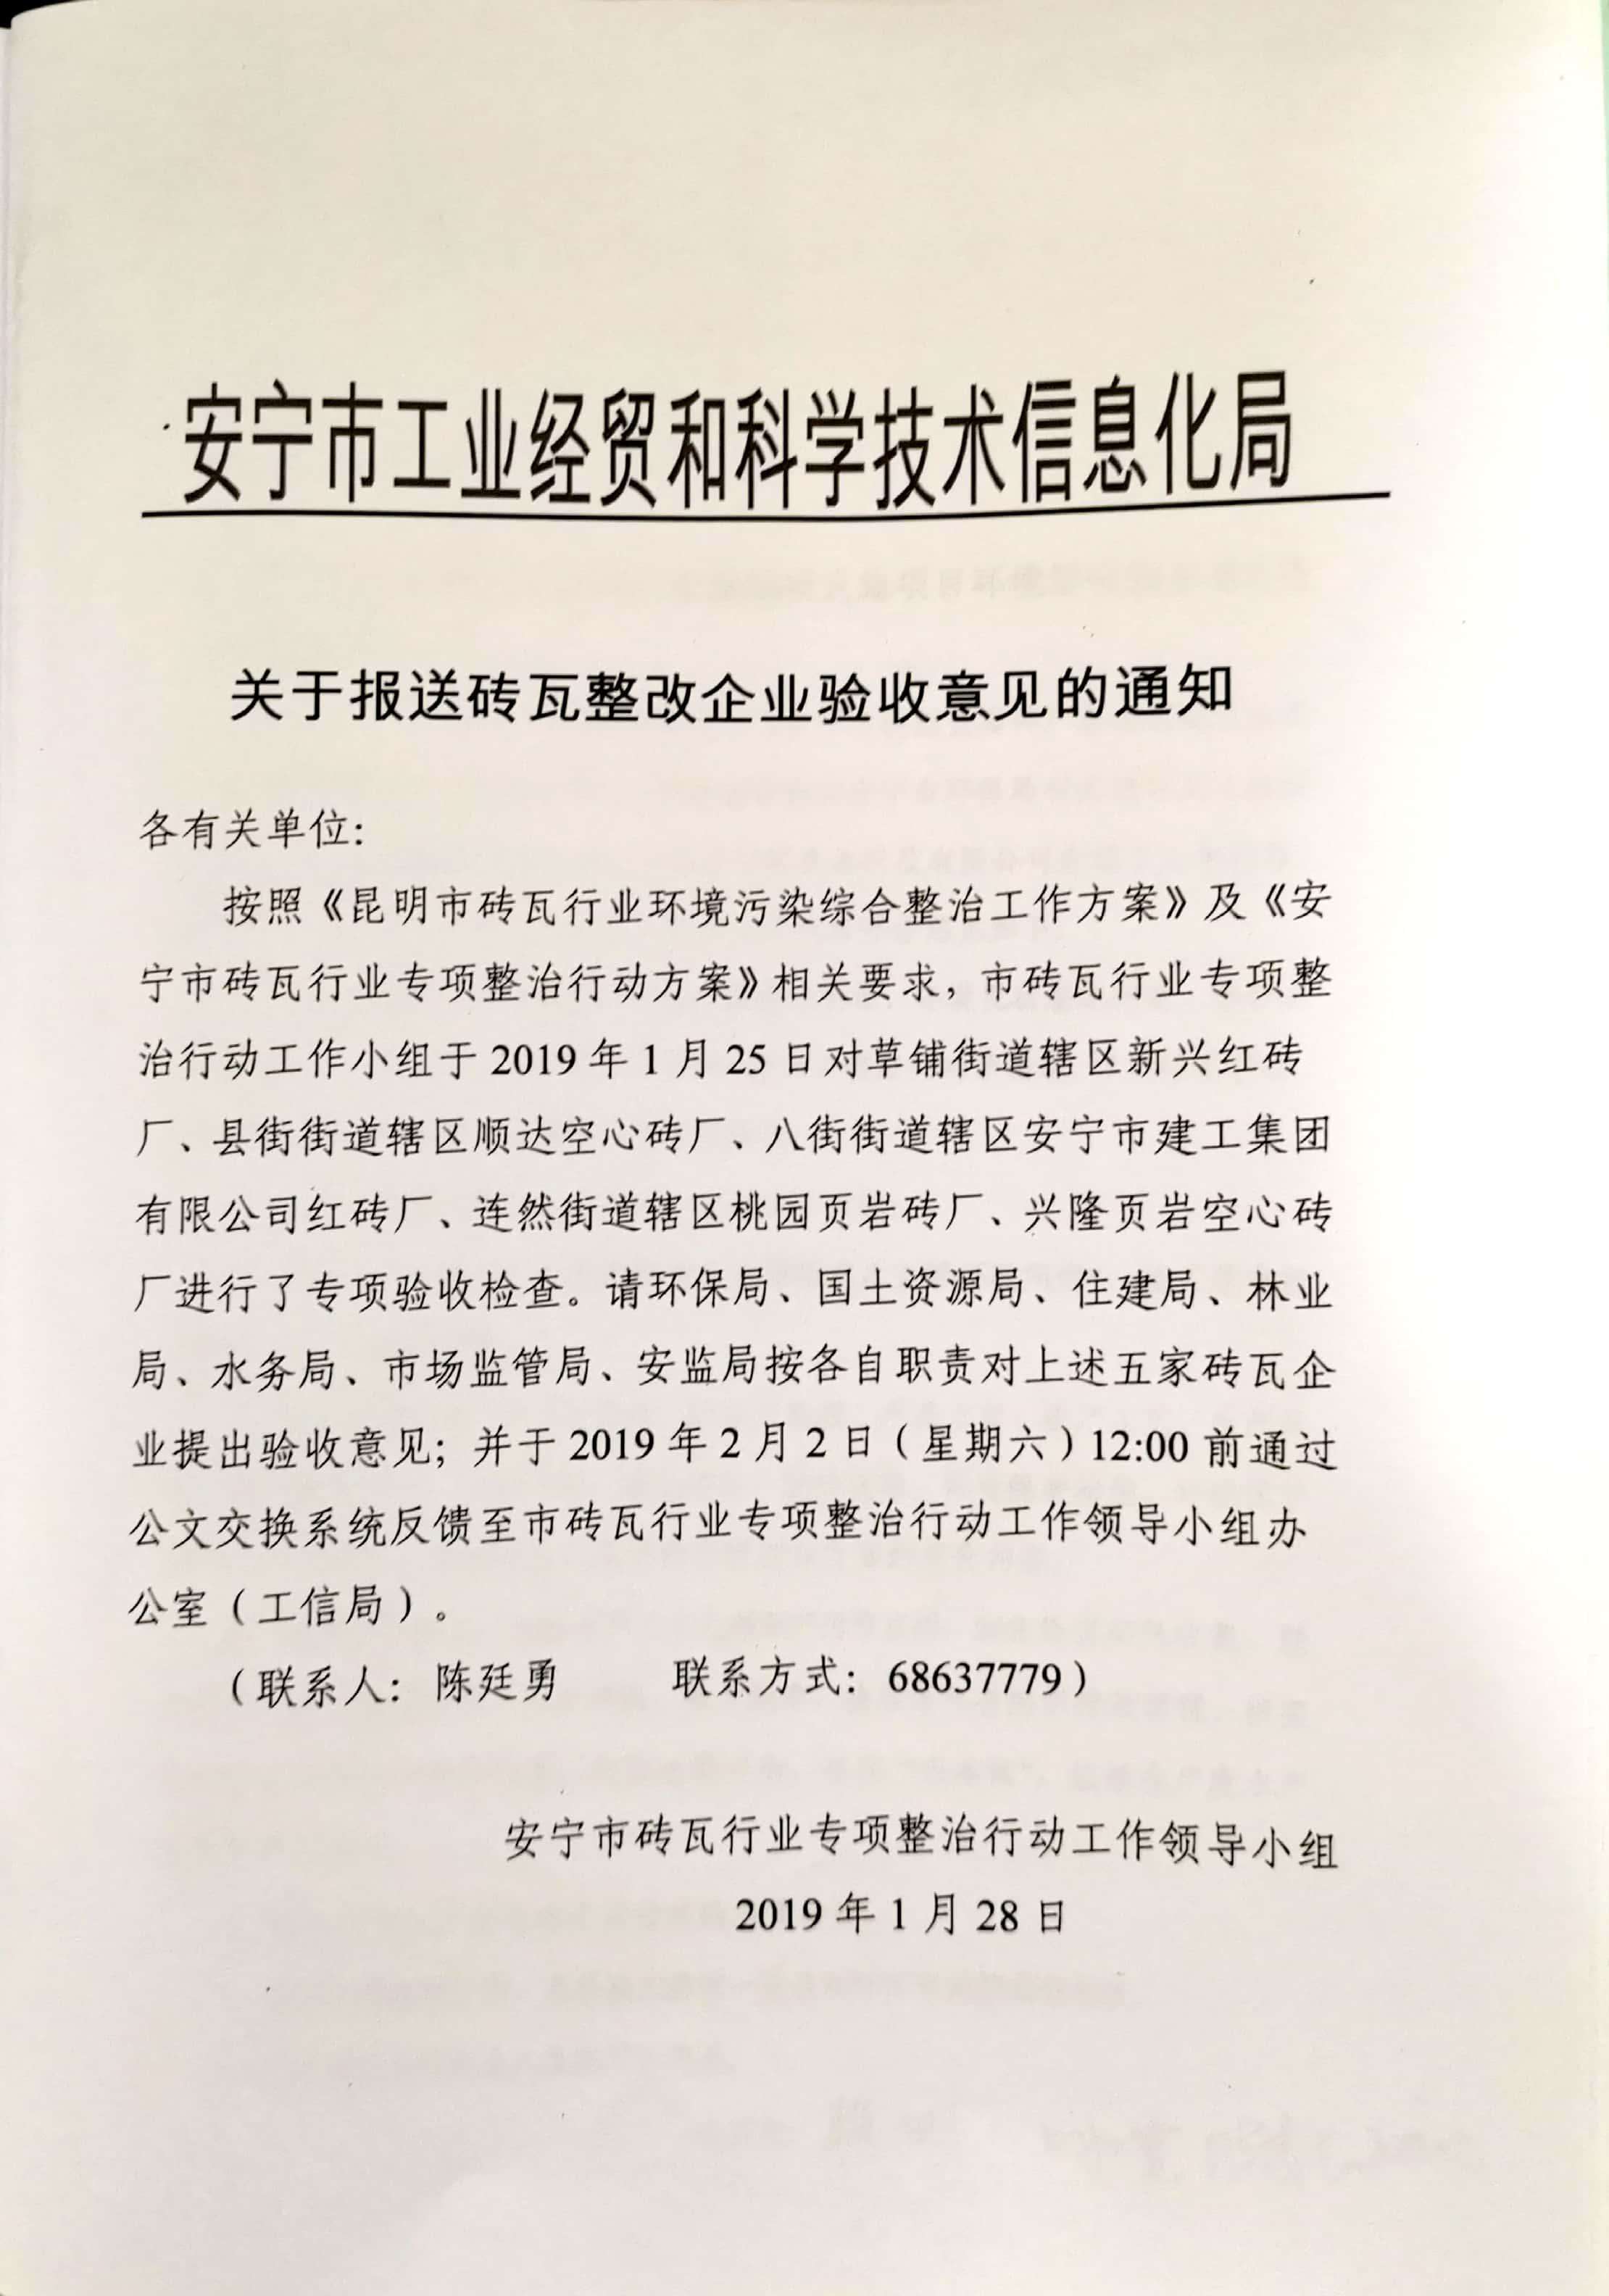 云南�9�i_安宁市兴隆页岩空心砖厂改扩建项目竣工环境保护验收信息公开